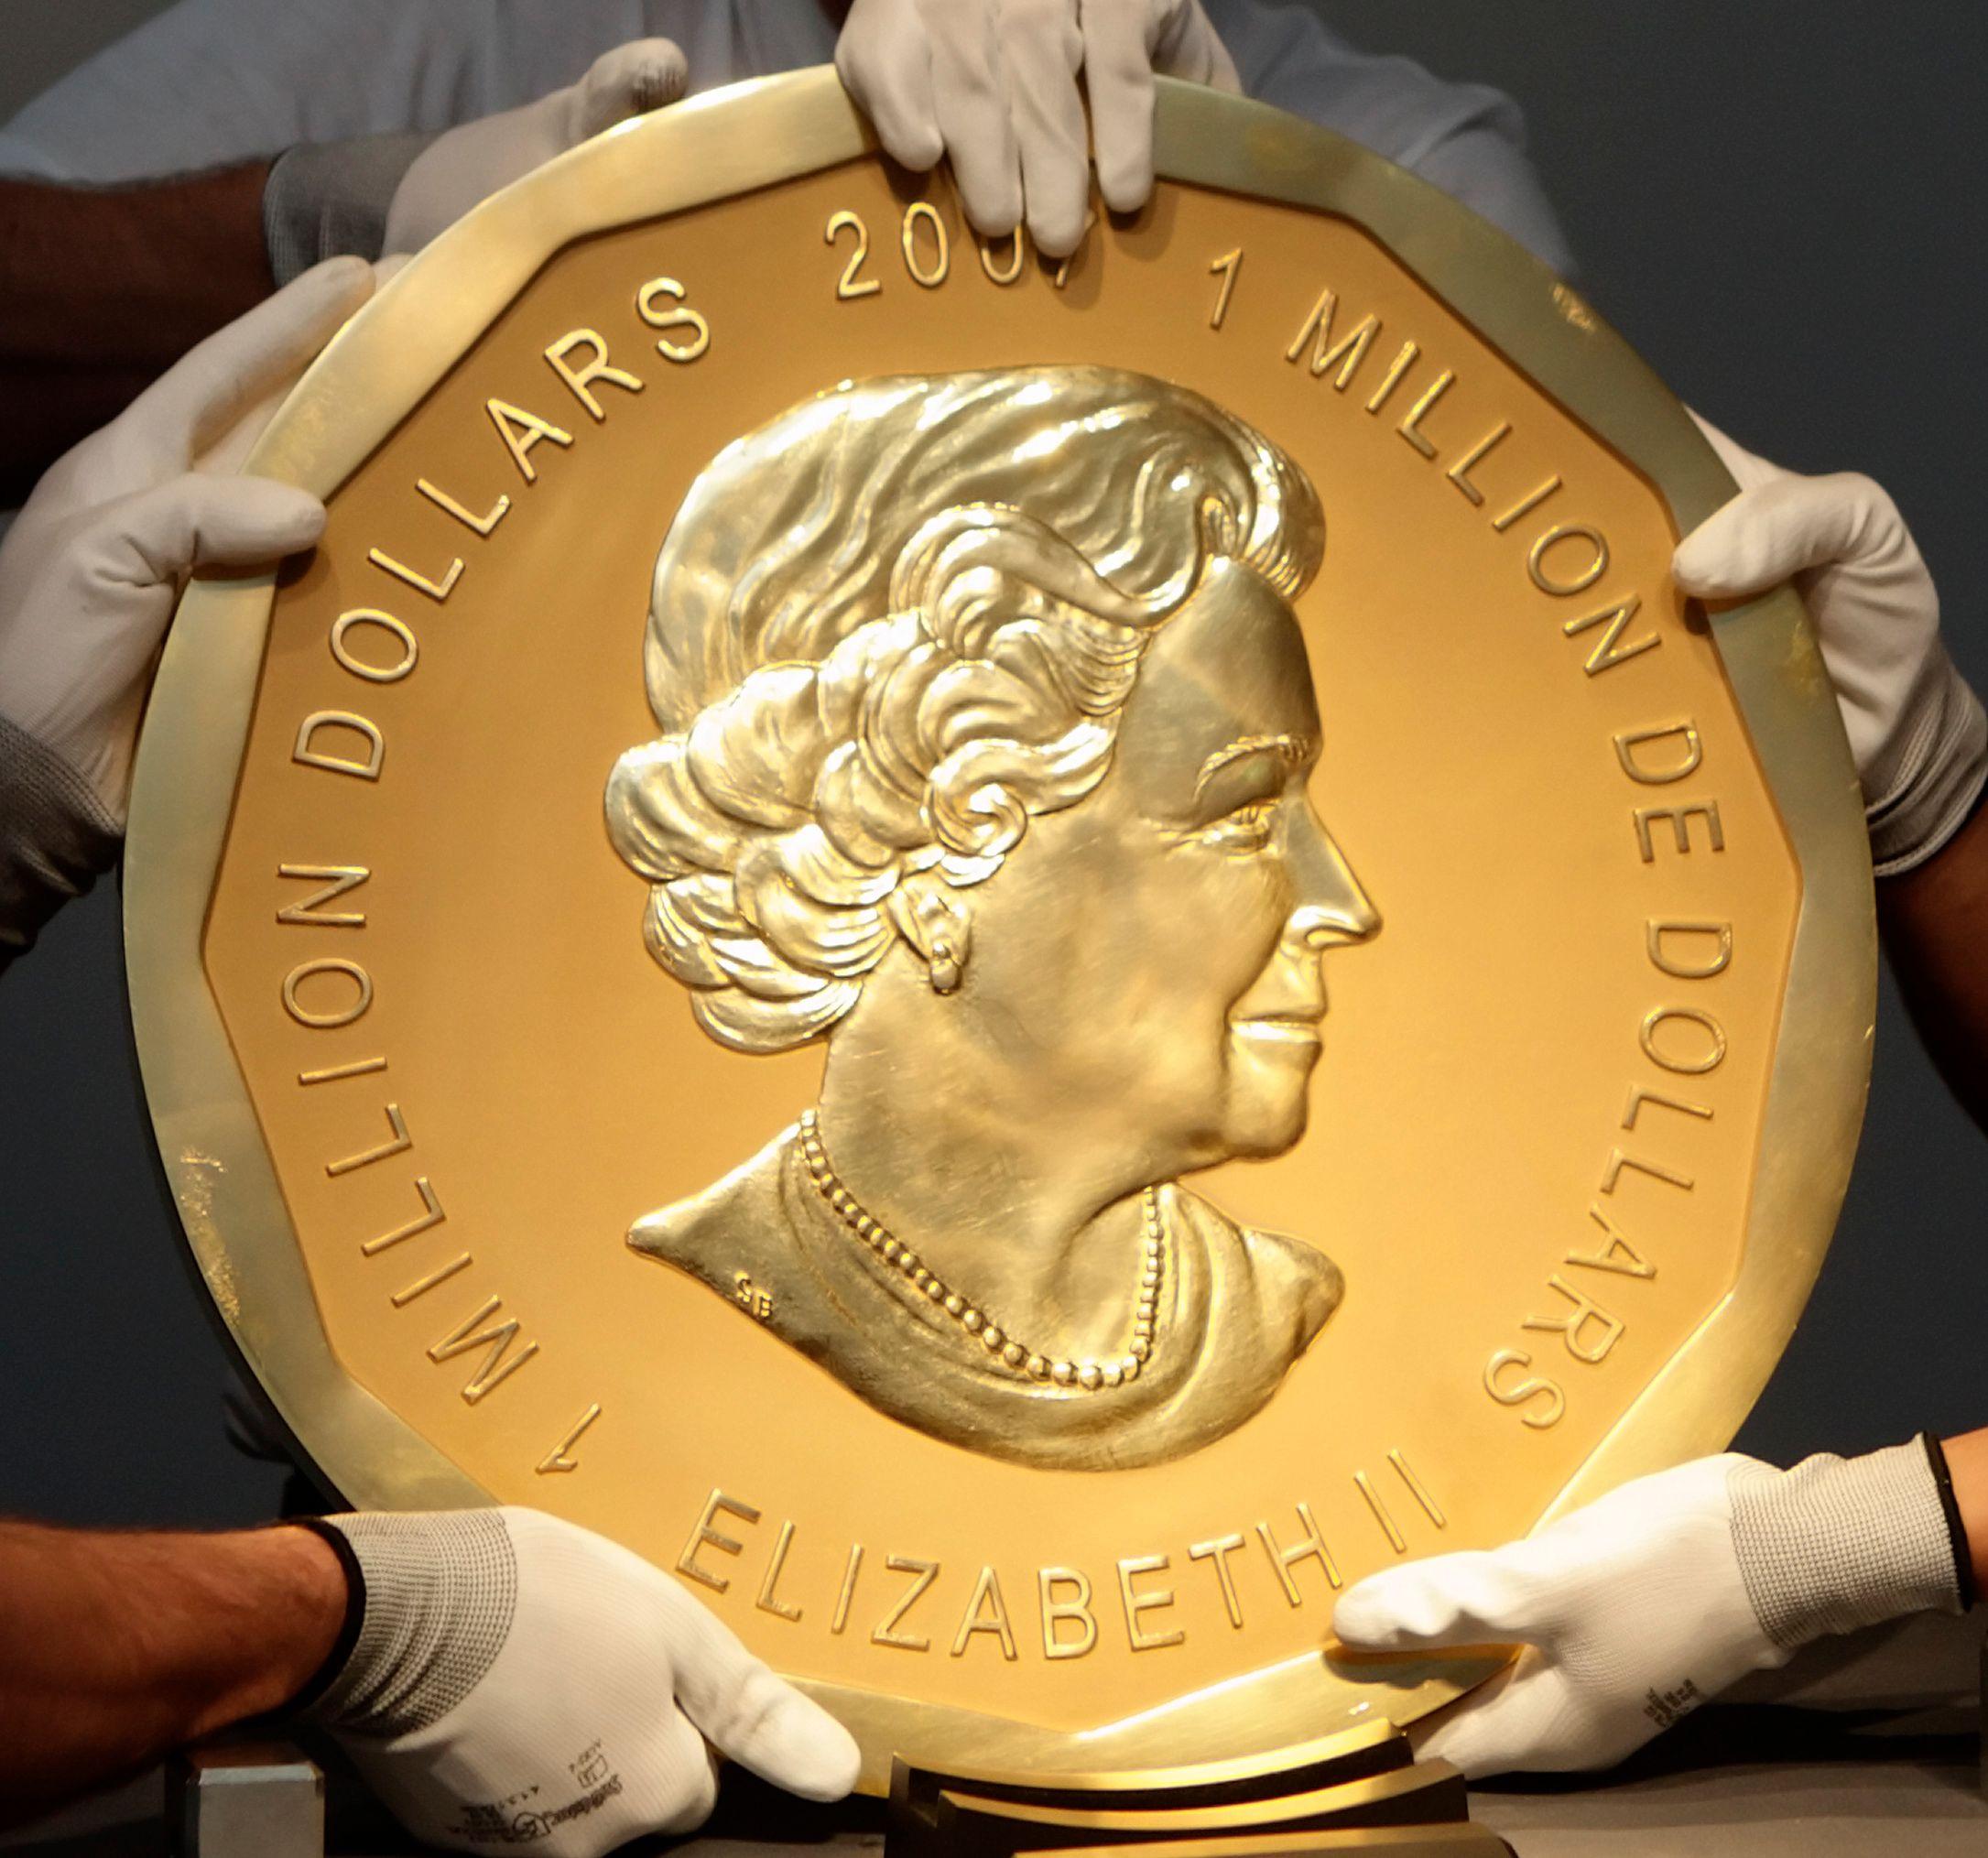 Contrairement à cette pièce en or canadienne (la plus grosse du monde, avec 100 kgs), la pièce de 1000 milliards de dollars serait en platine